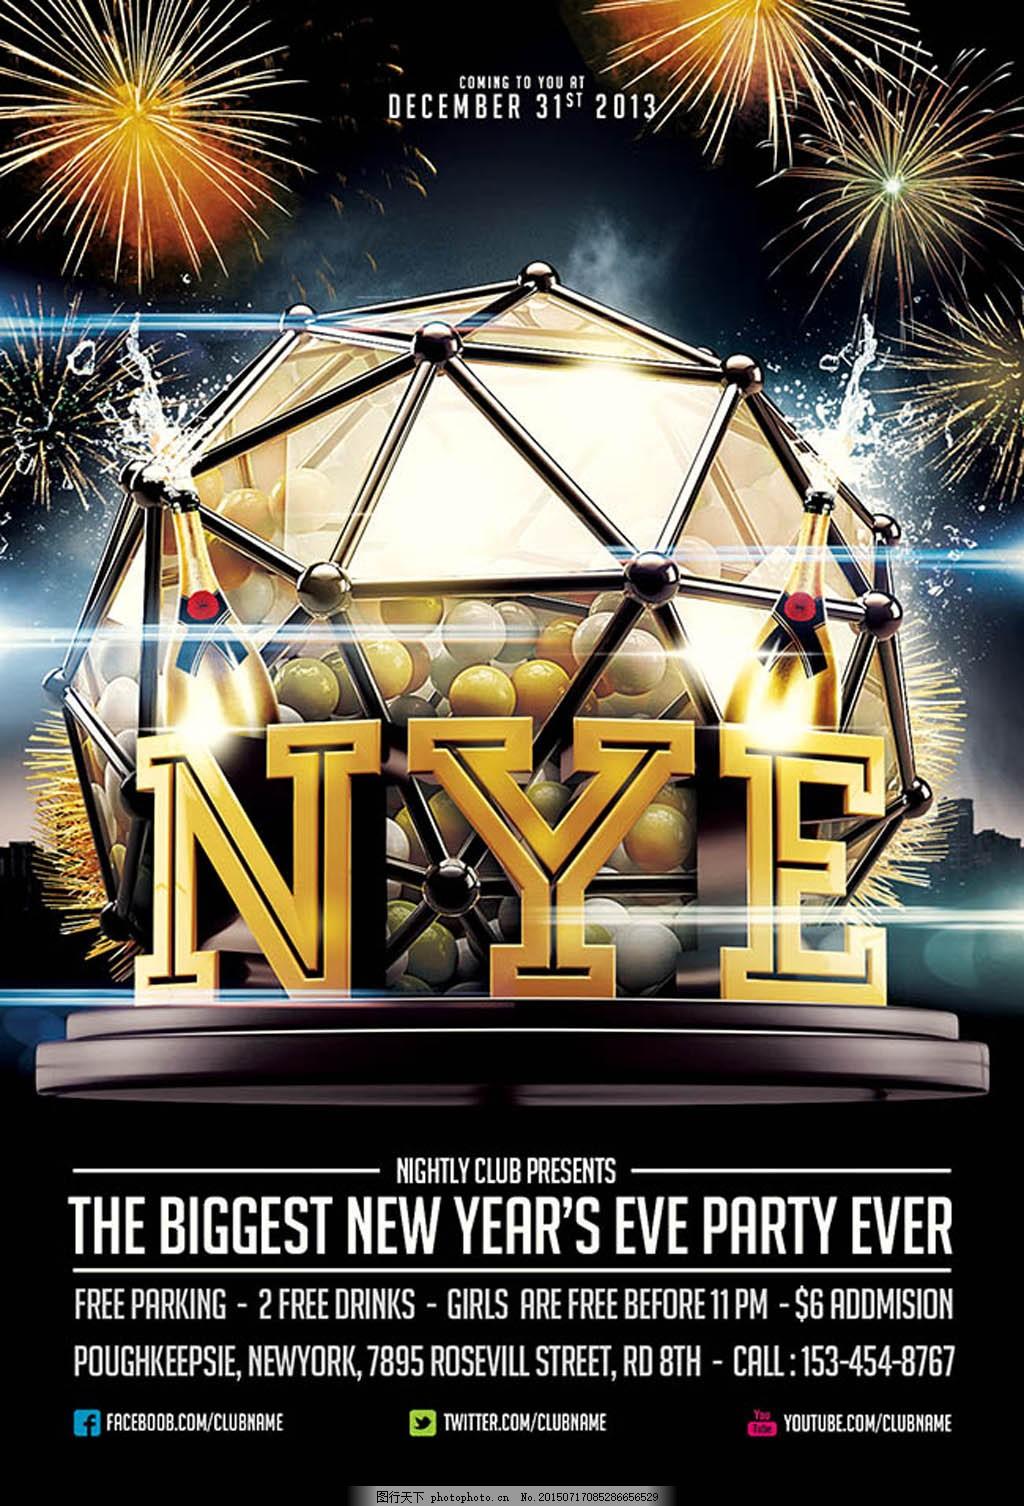 酒吧新年晚会海报 新年晚会活动宣传海报 酒吧新年主题海报 烟花